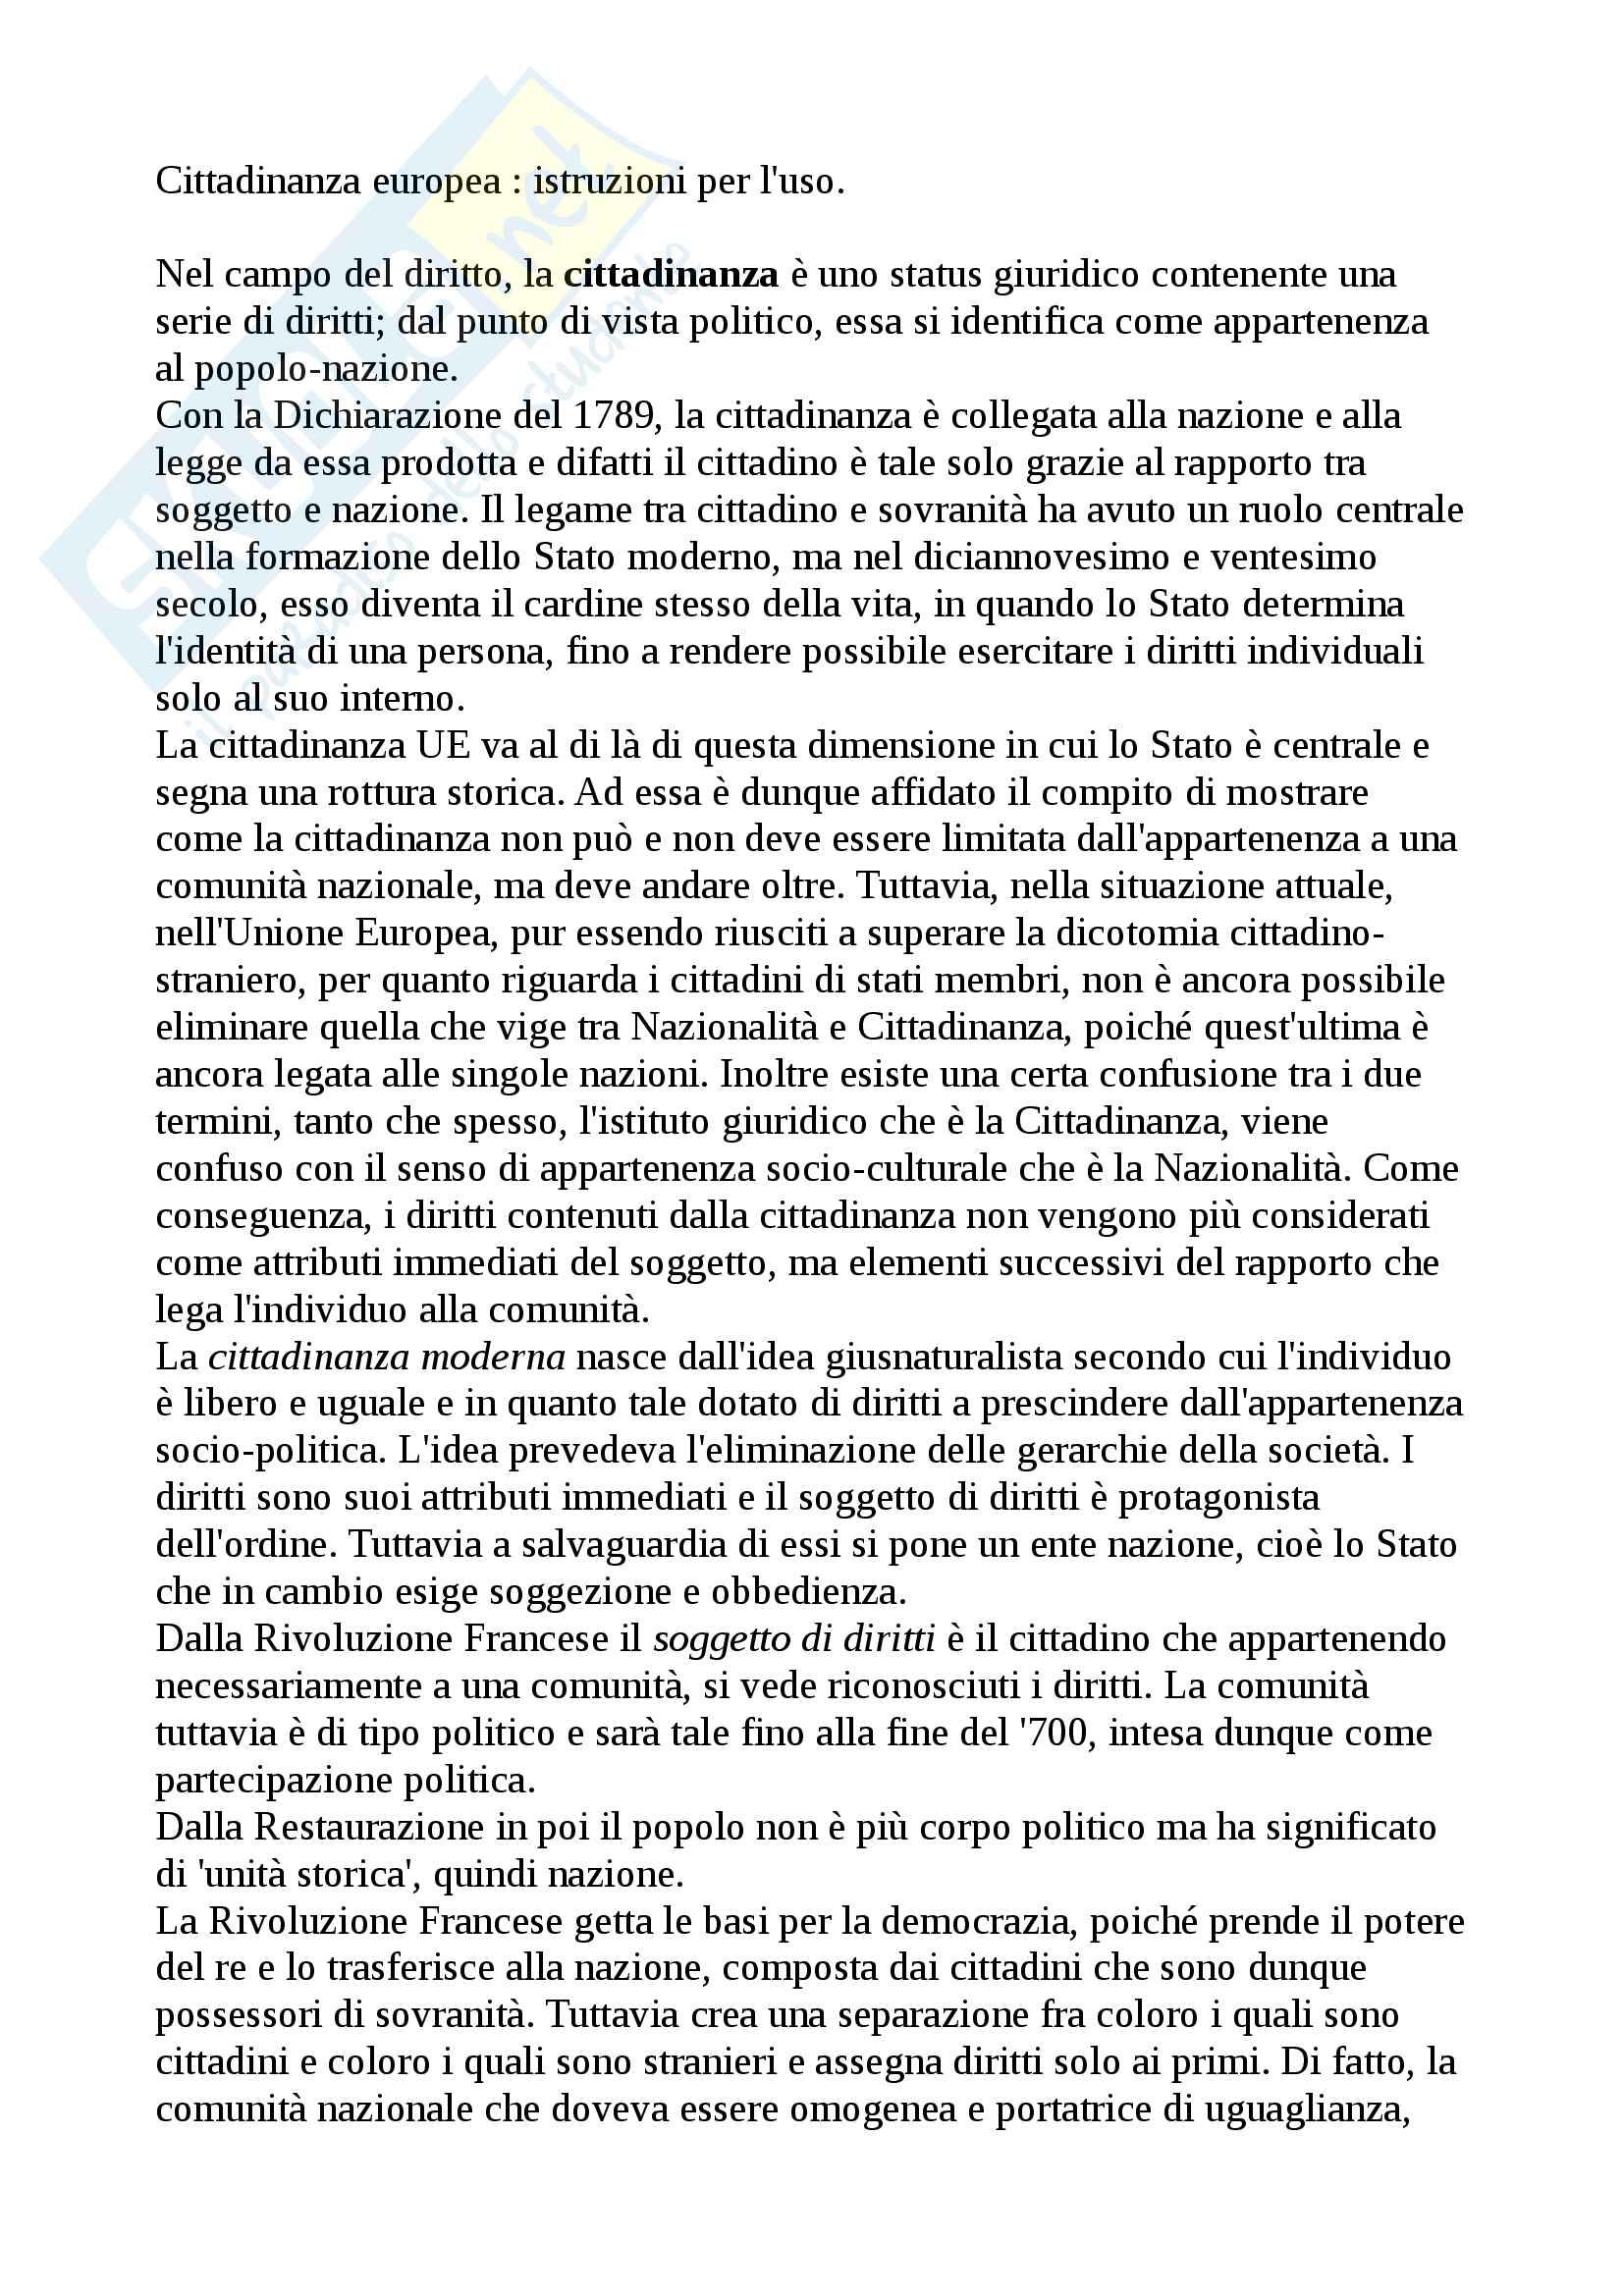 Riassunto esame Diritto dell'Unione Europea, prof Nicolosi, libro consigliato Cittadinanza europea : istruzioni per l'uso, Costanza Margiotta